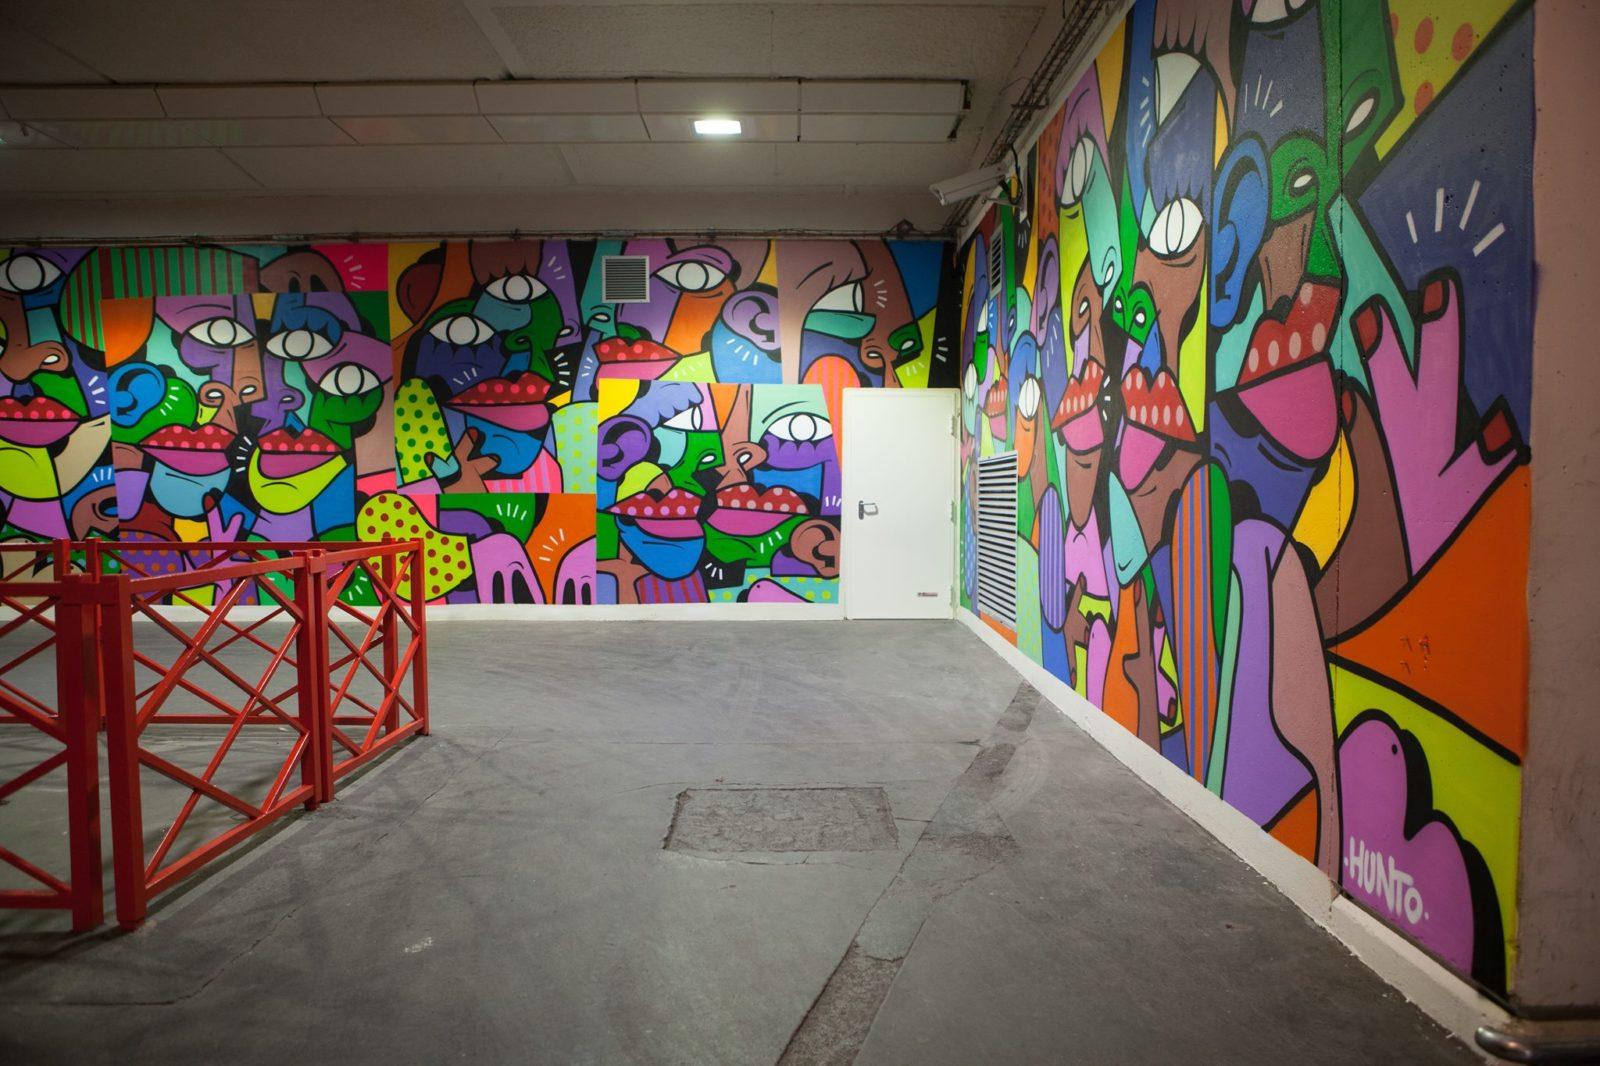 arturbain murales quai 36 garedelyon hunto 1 - Quai 36 invite des street artistes à colorer halls de gare et palissades de chantiers